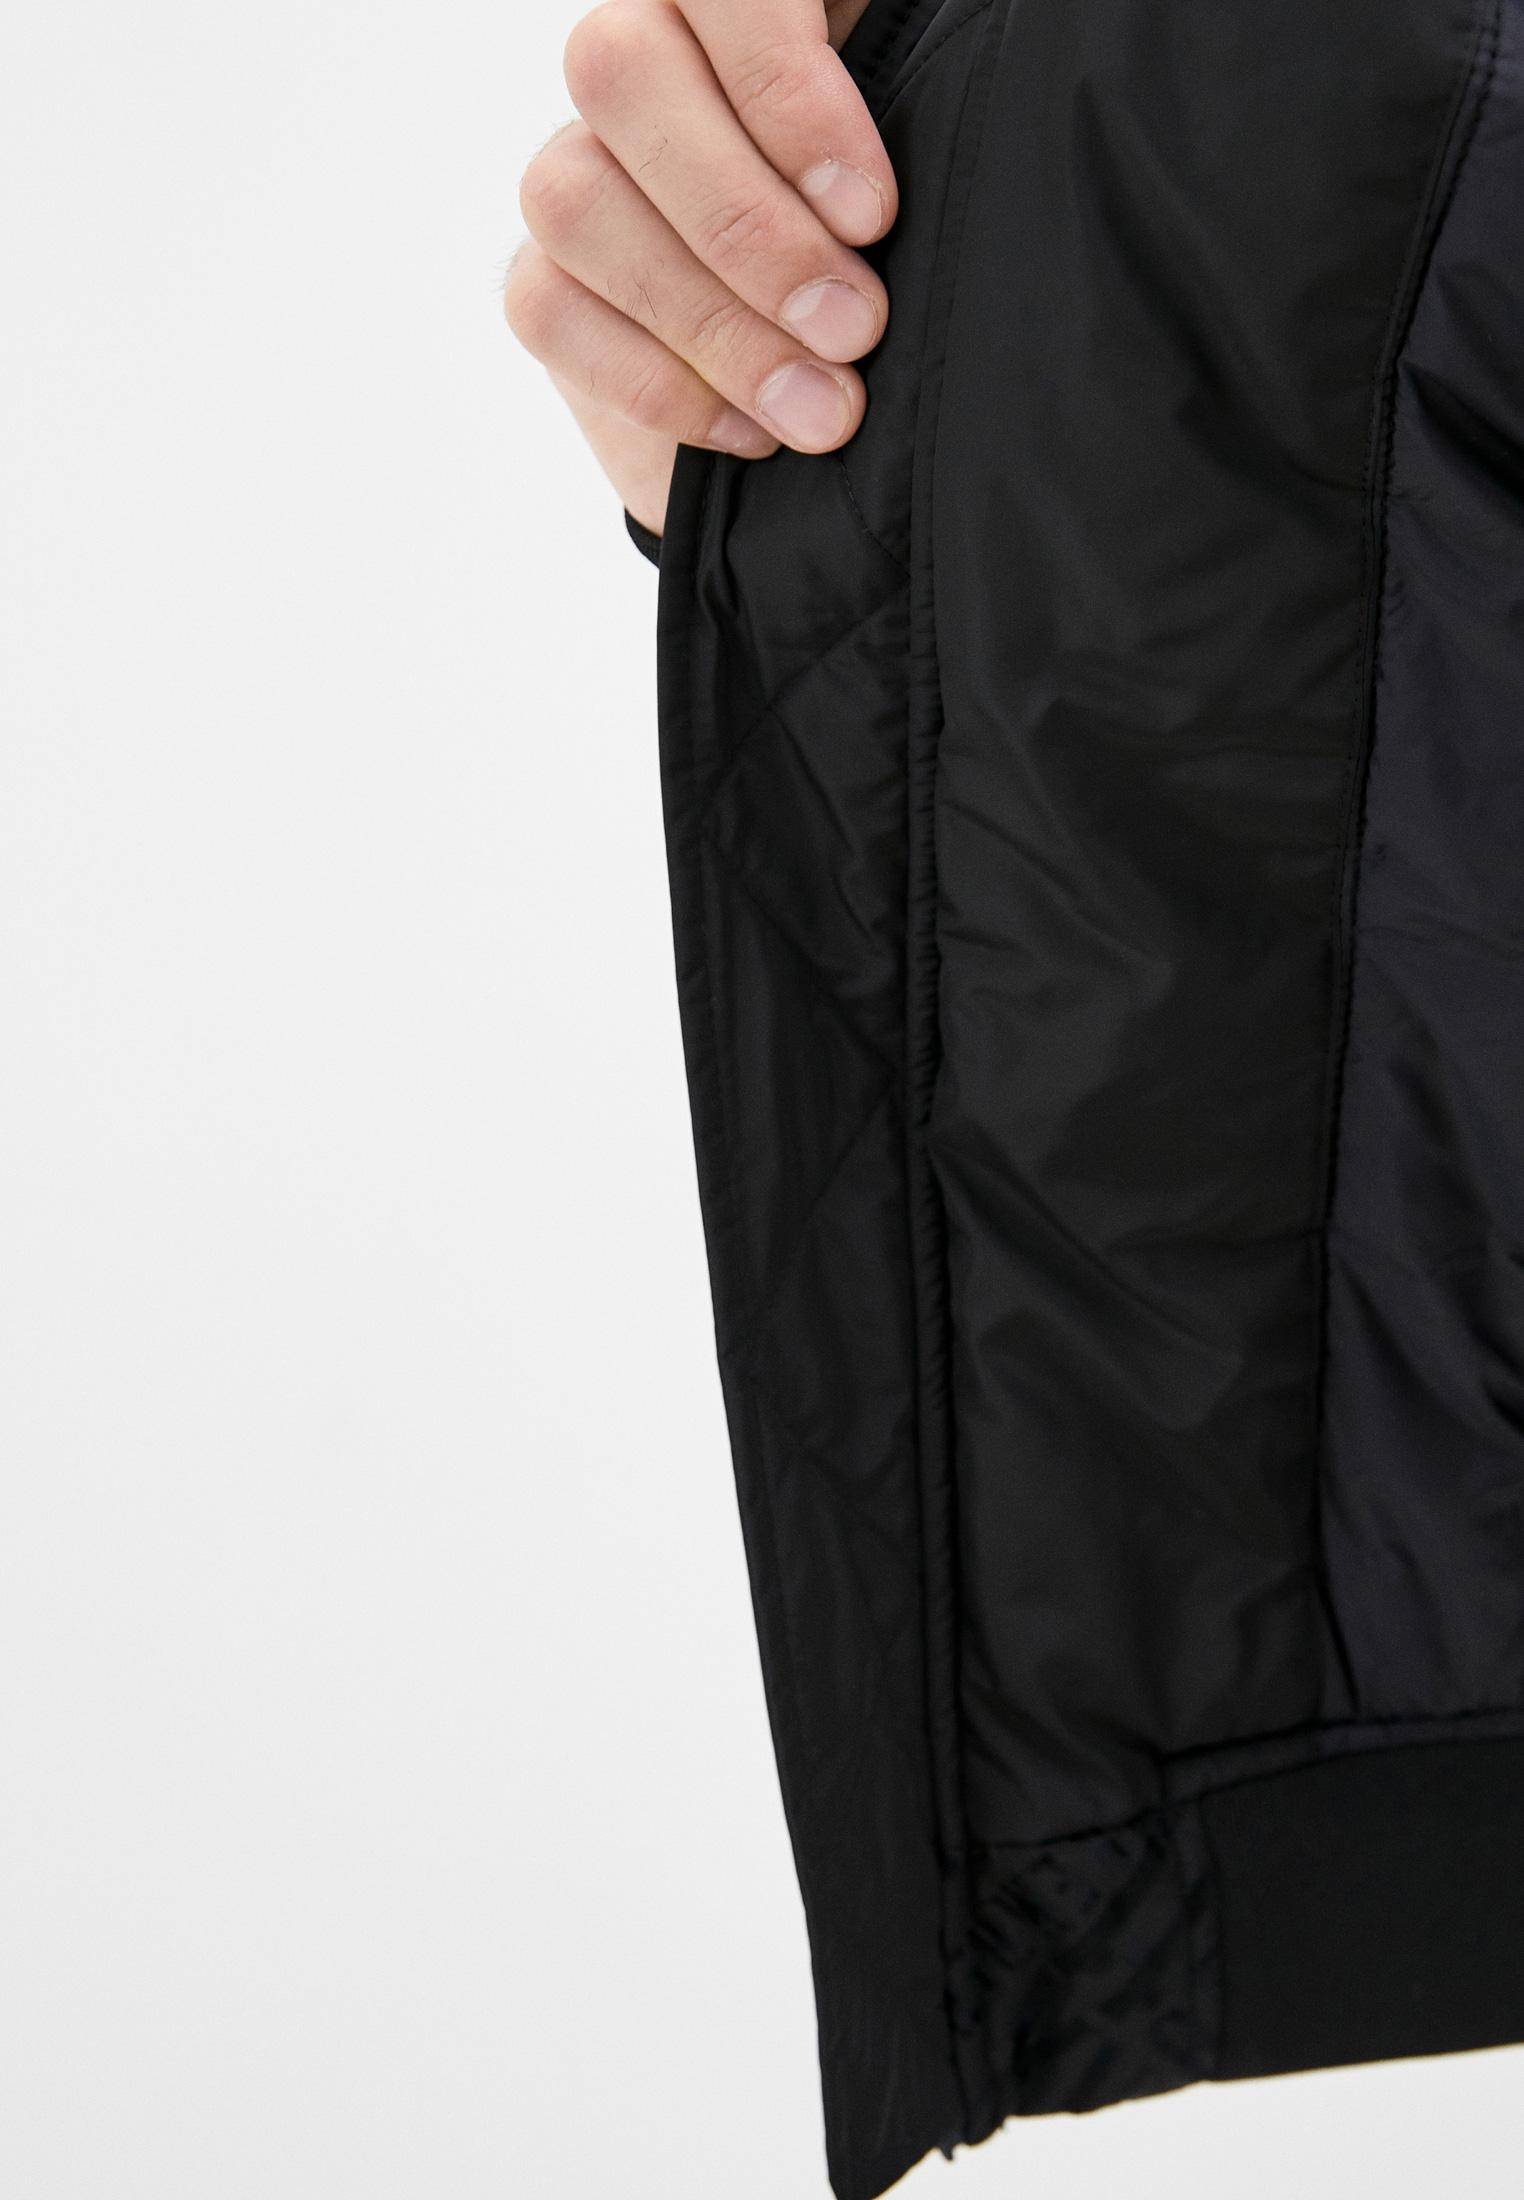 Мужская куртка Bikkembergs (Биккембергс) C H 161 00 T 224A: изображение 5